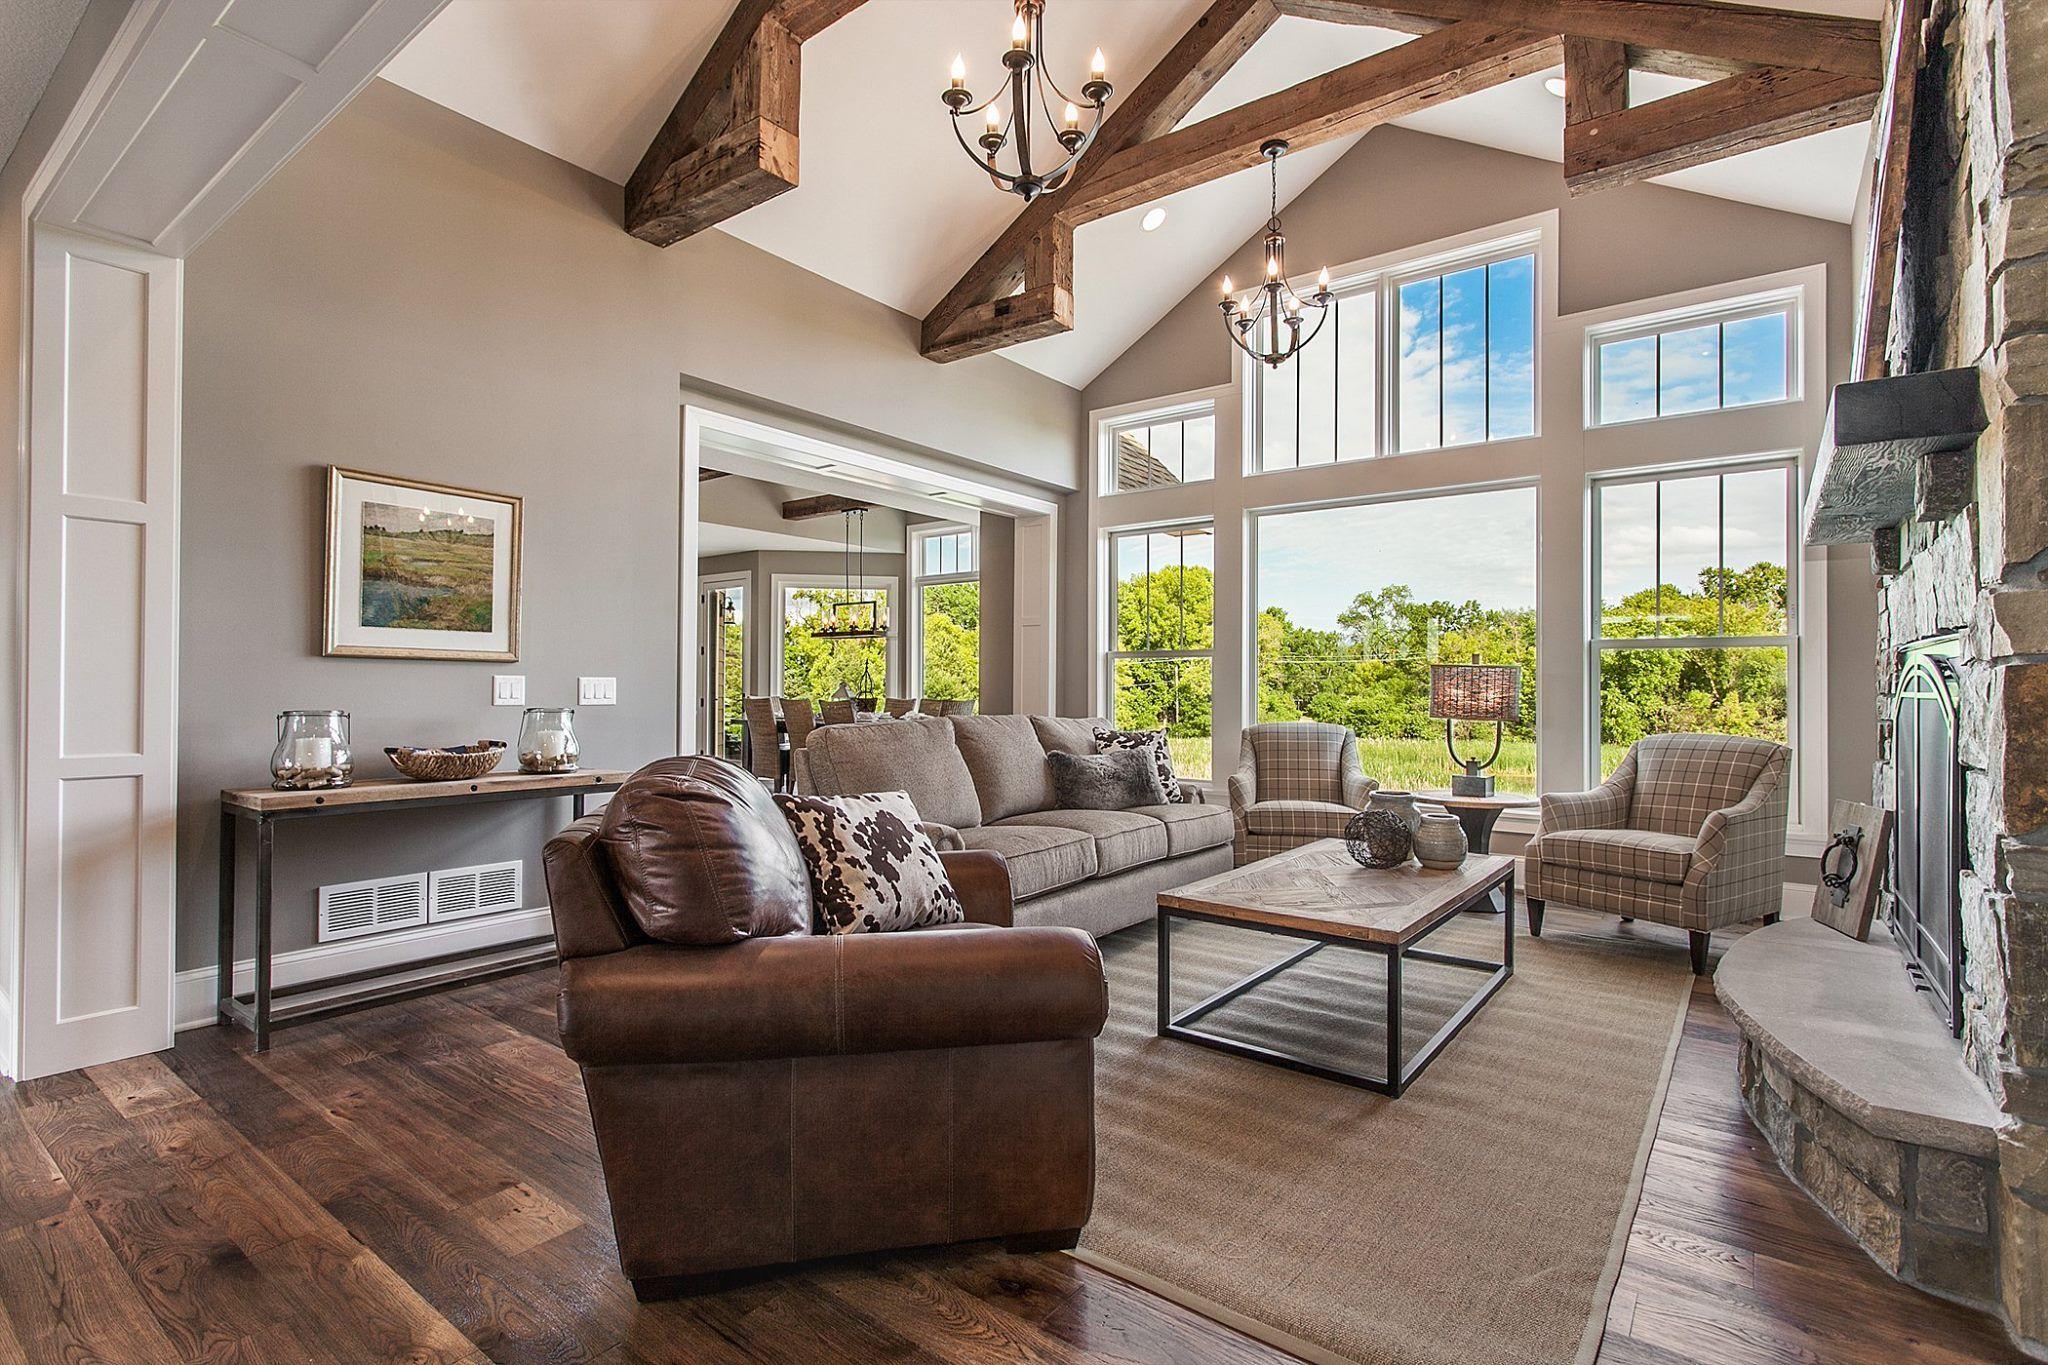 Exposed beams in living room vaulted ceilings - Vaulted ceiling living room ideas ...